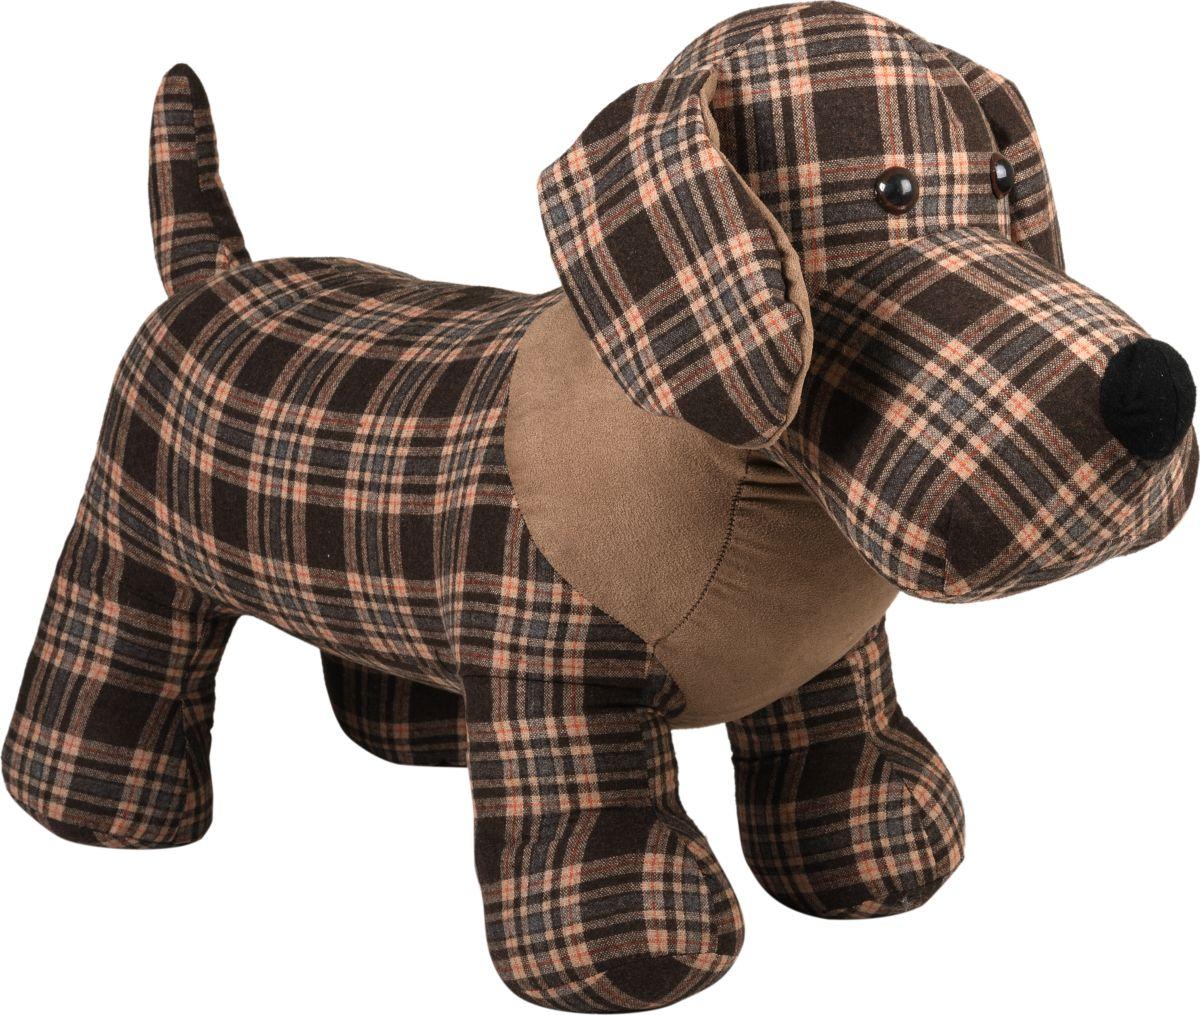 Пуф Estro Стильный песТ14460Интерьерная игрушка ESTRO ручной работы - Пуф Стильный Пес выдерживает нагрузку до 120 кг.